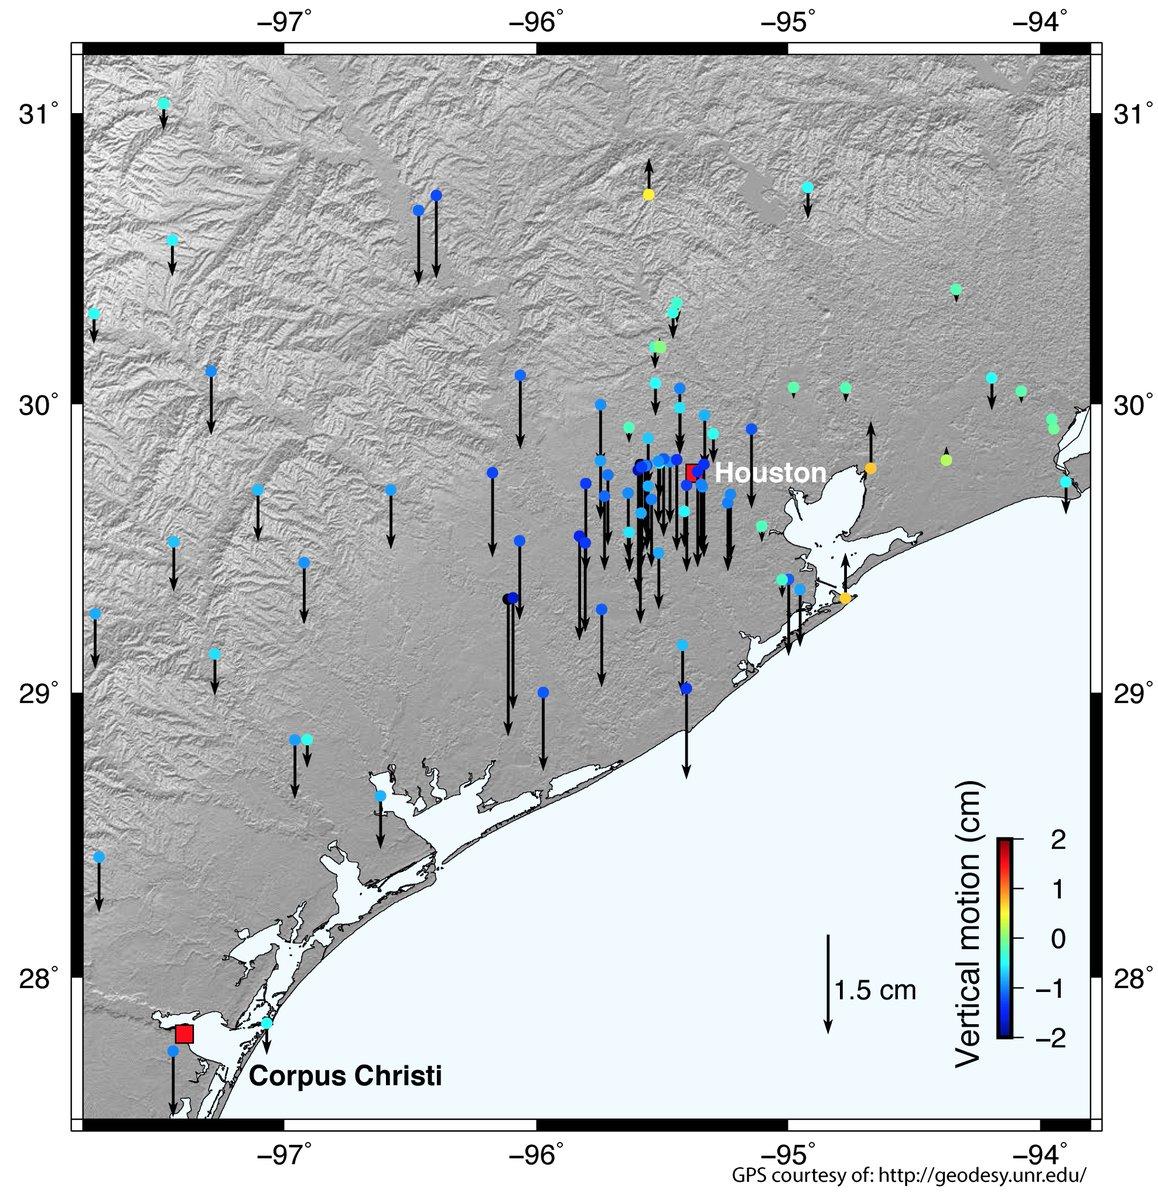 Annyit esőt hozott a Harvey hurrikán, hogy 2 centivel lejjebb nyomta Houstont és környékét